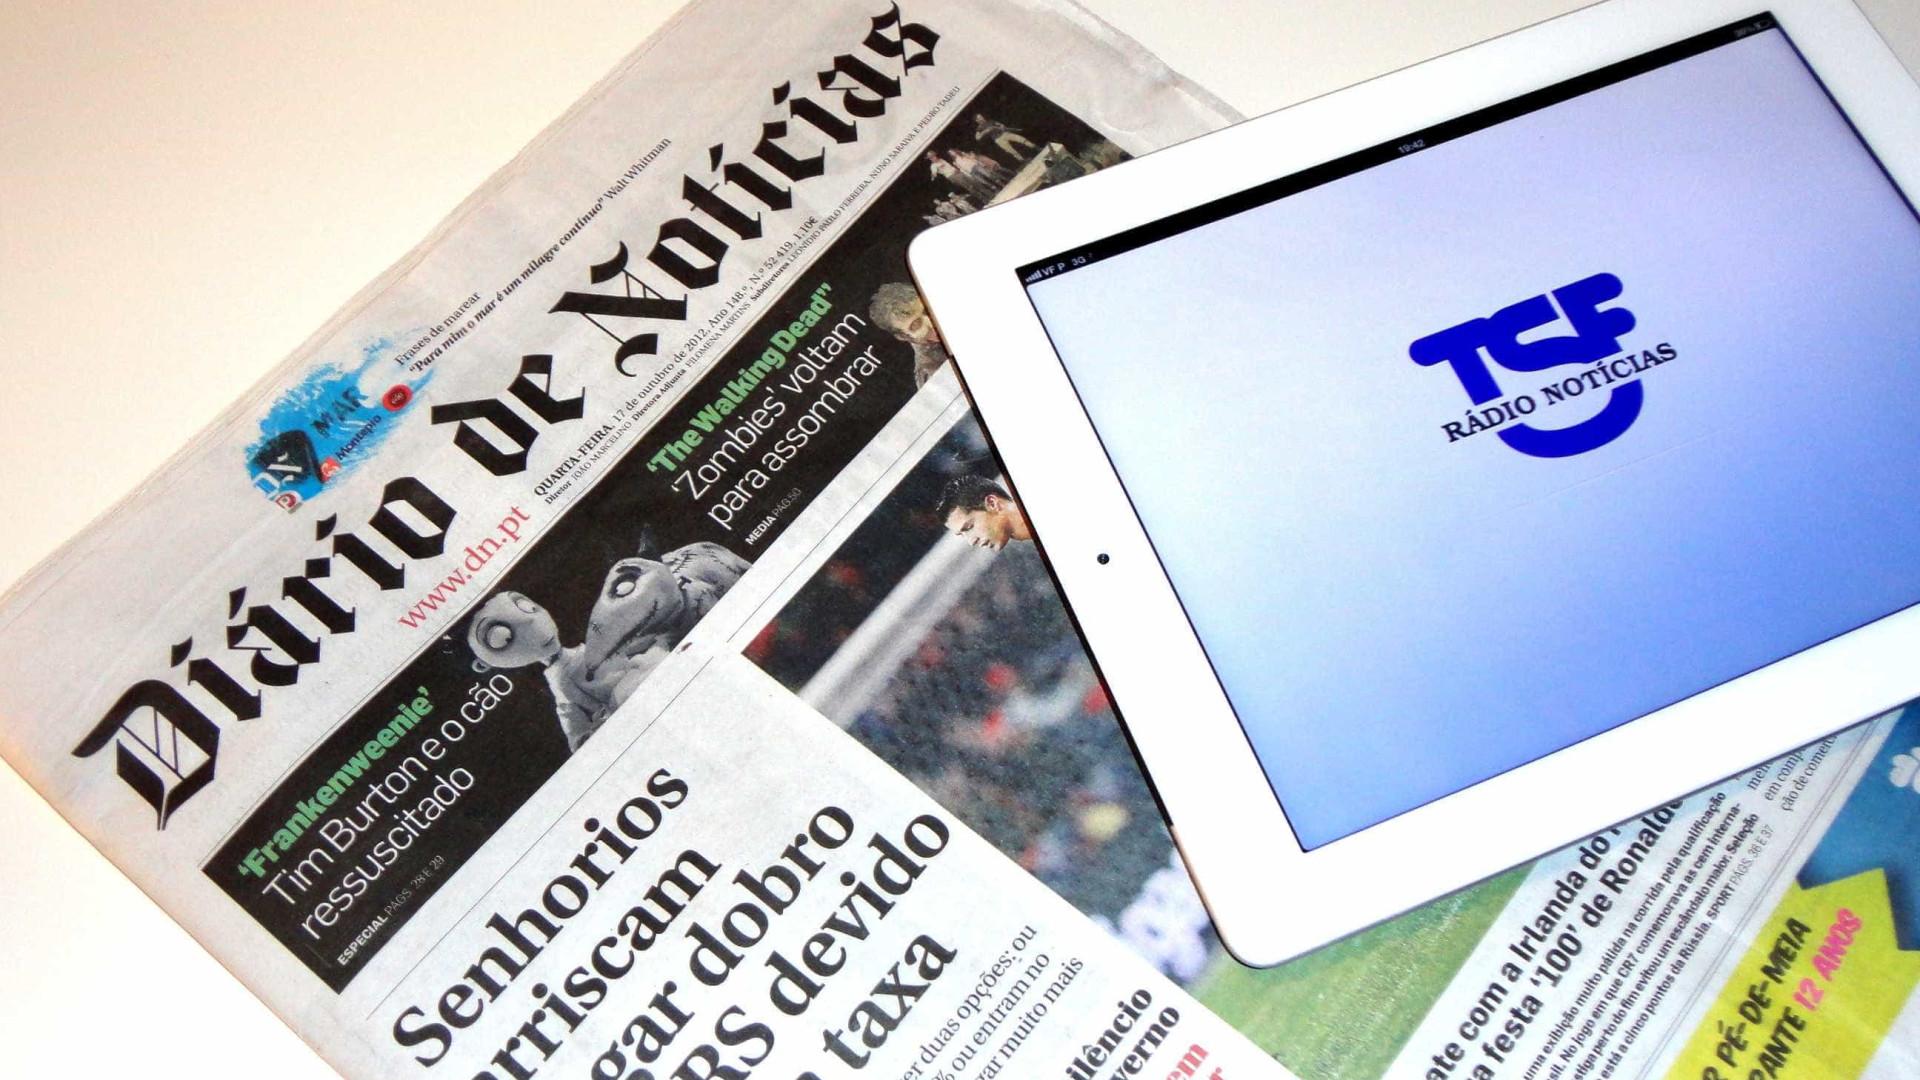 Agências de notícias de língua portuguesa lançam portal comum